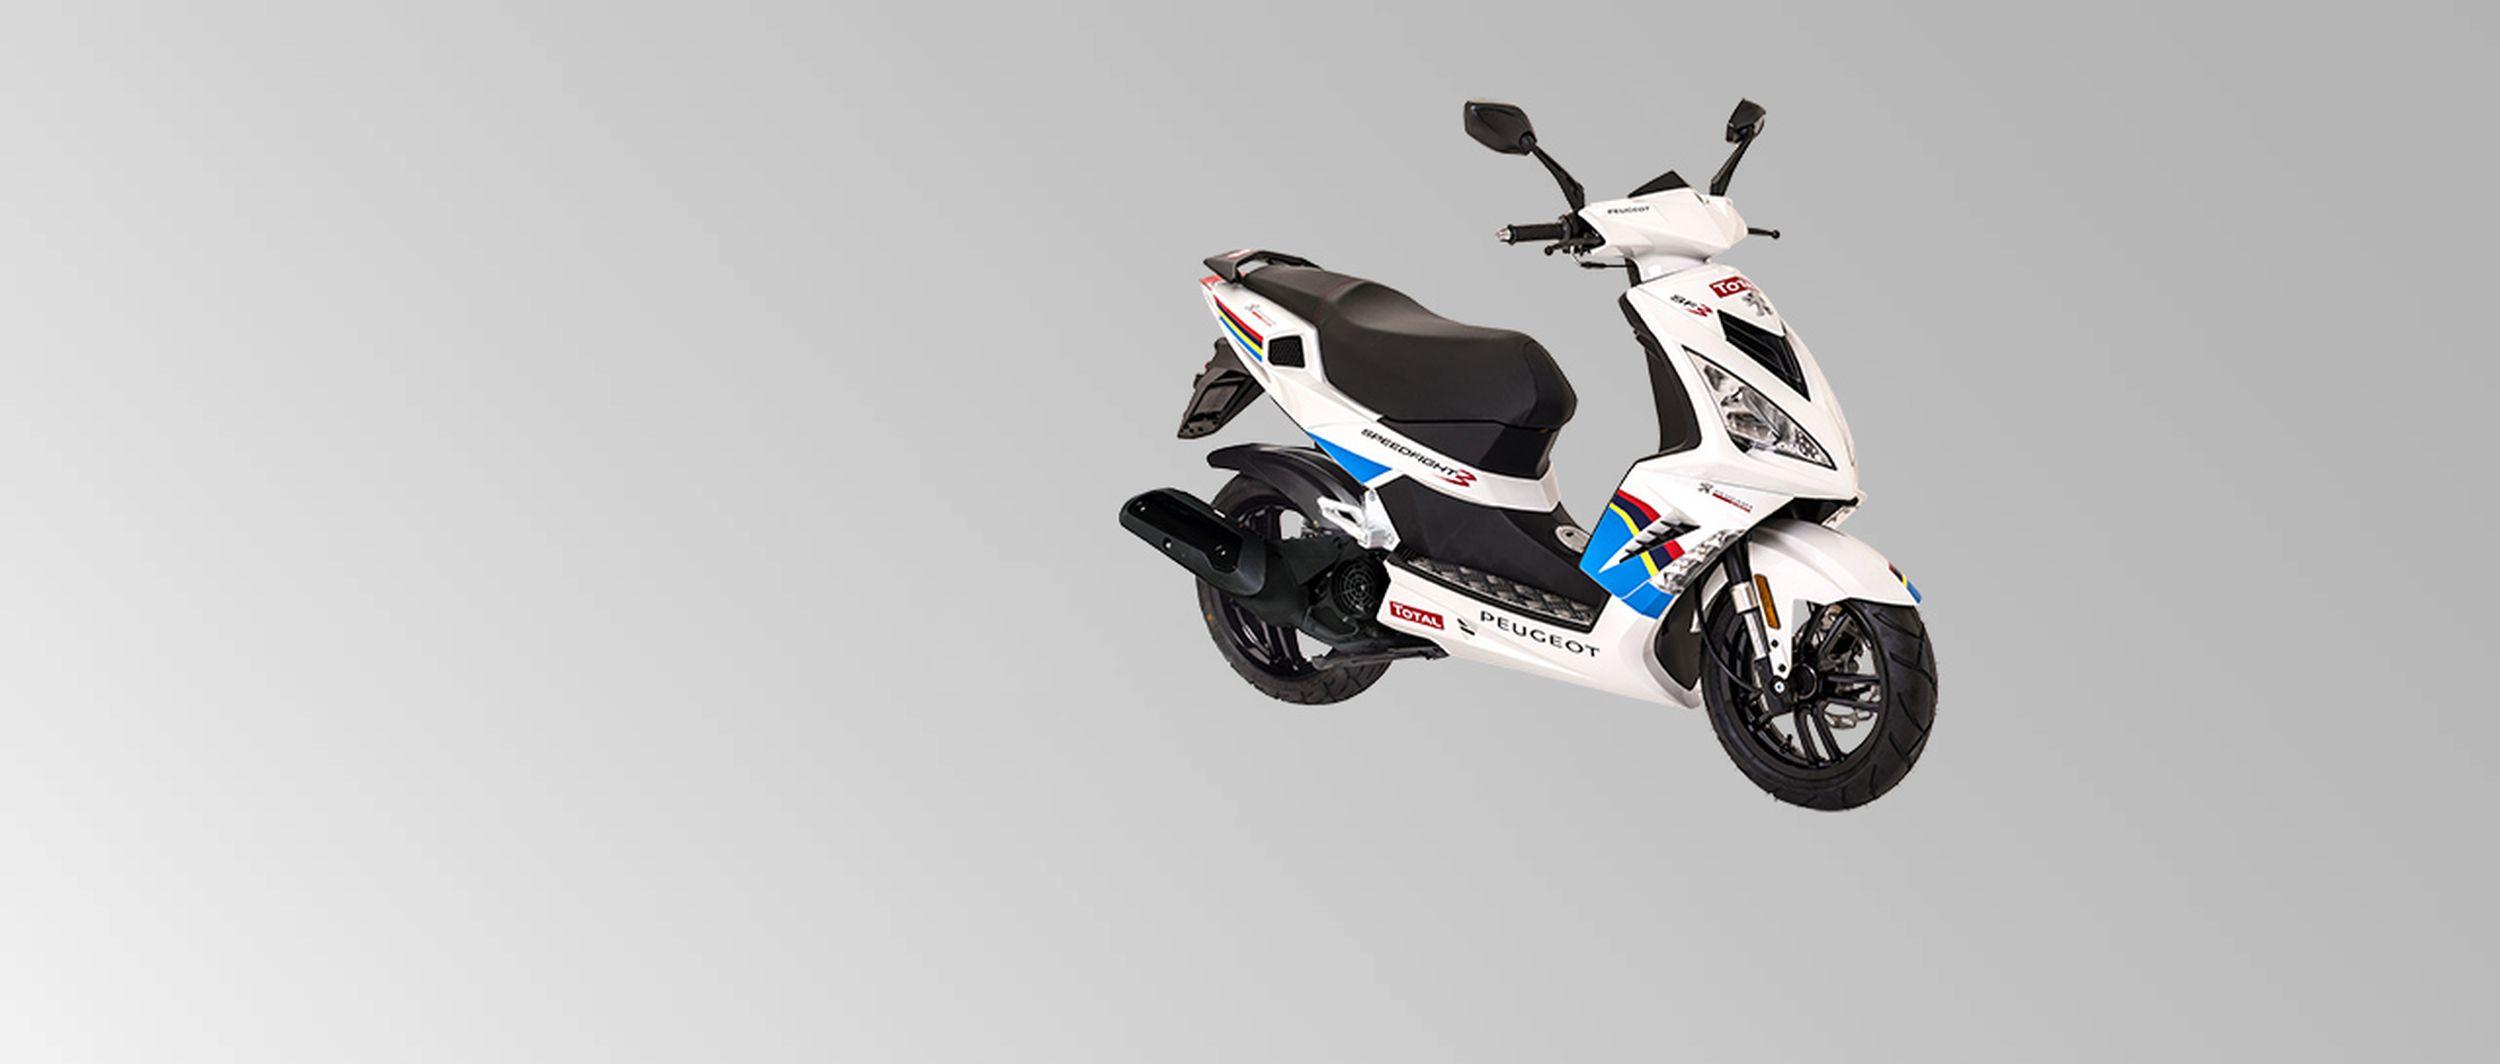 peugeot speedfight 3 125 technische daten Mobilede: gebraucht speedfight 3 kaufen finden sie eine vielzahl von günstigen angeboten bei mobilede - deutschlands größter fahrzeugmarkt.